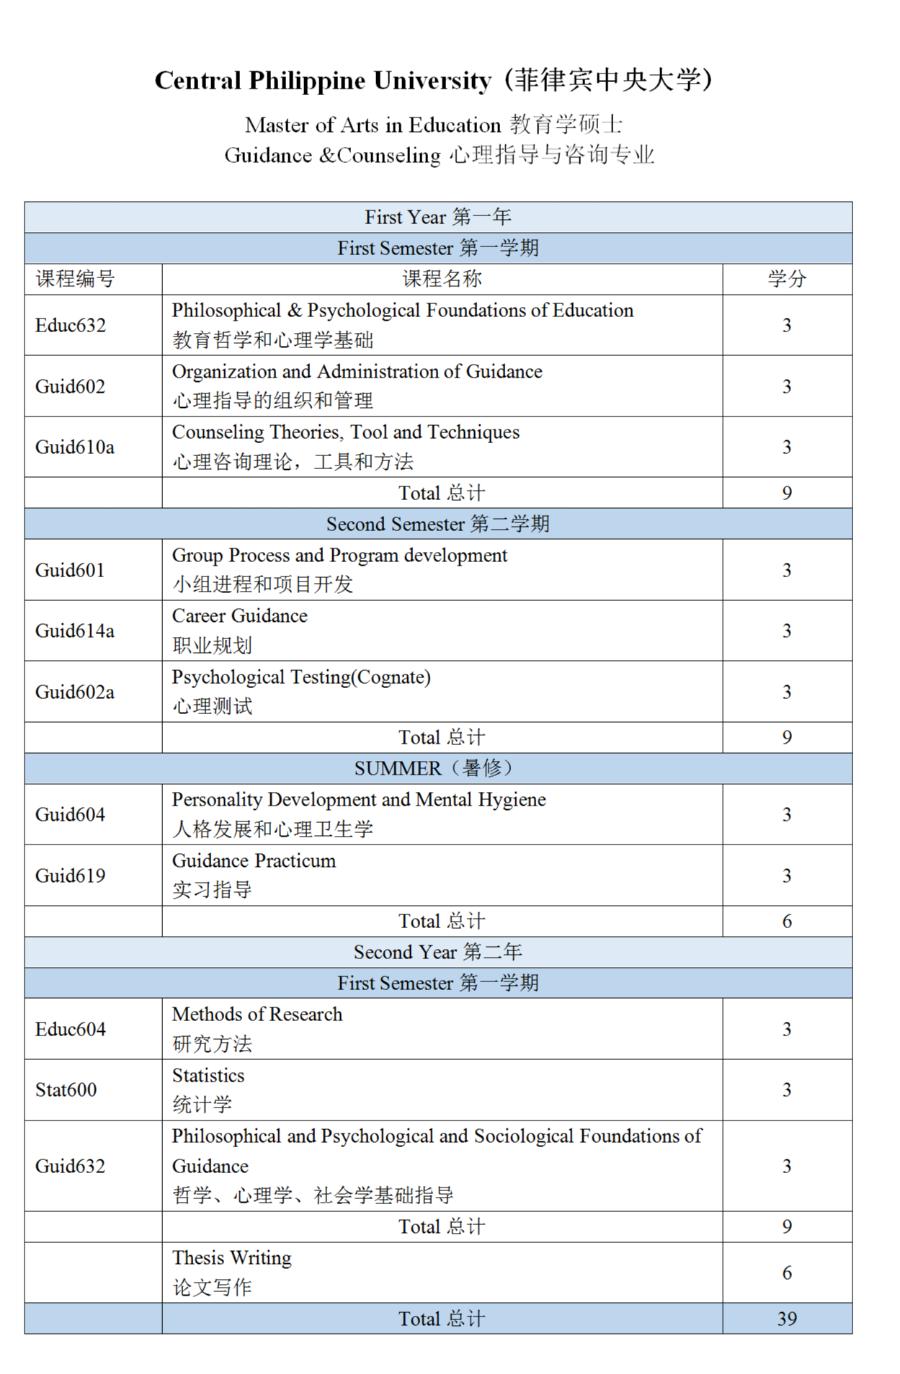 心理指导与咨询专业教育学硕士课表_01.png